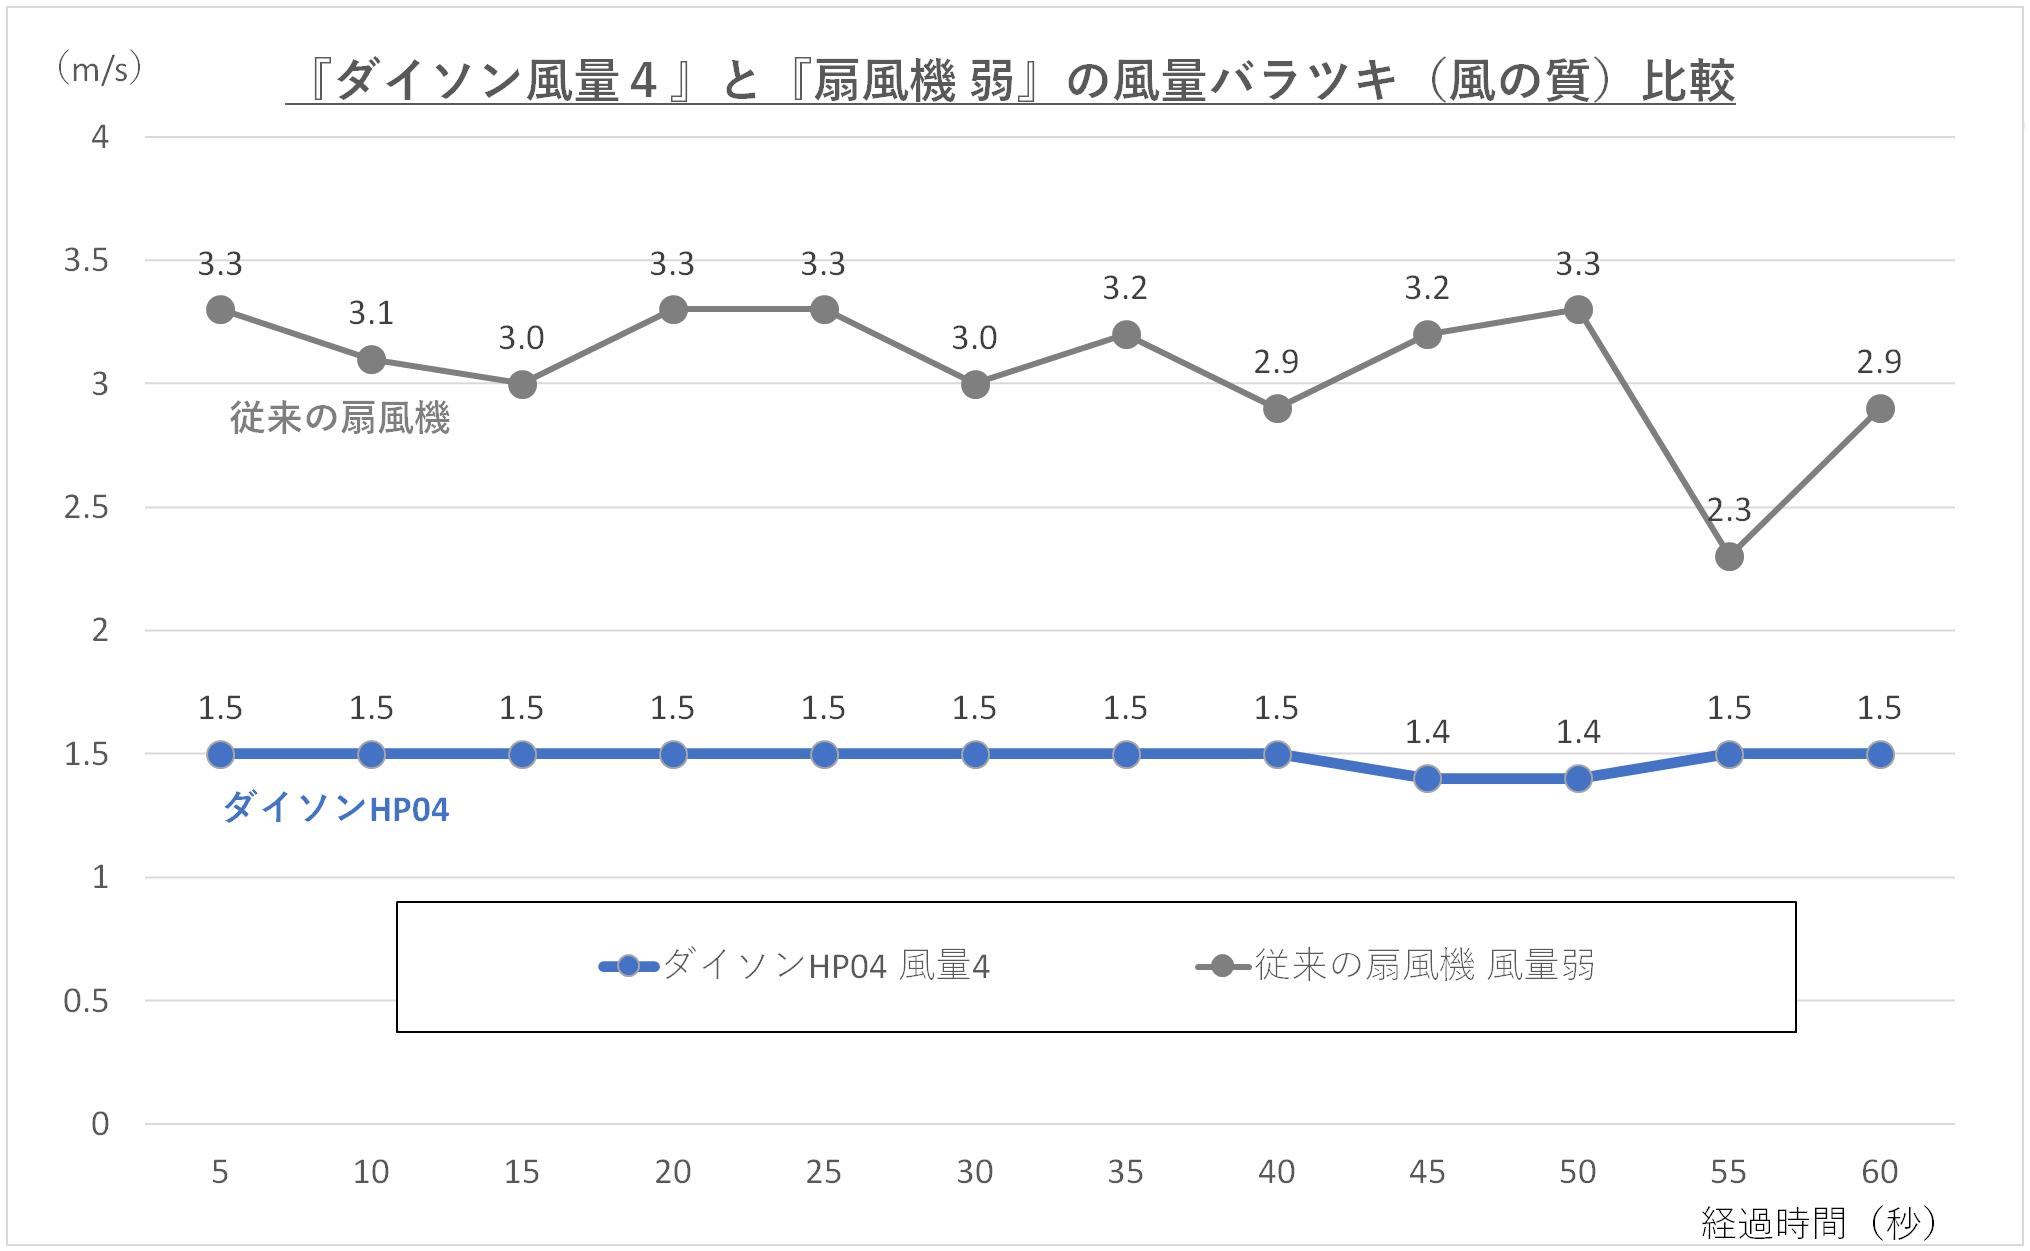 『ダイソン風量4』と『扇風機 弱』の風量のバラツキを比較しているグラフ